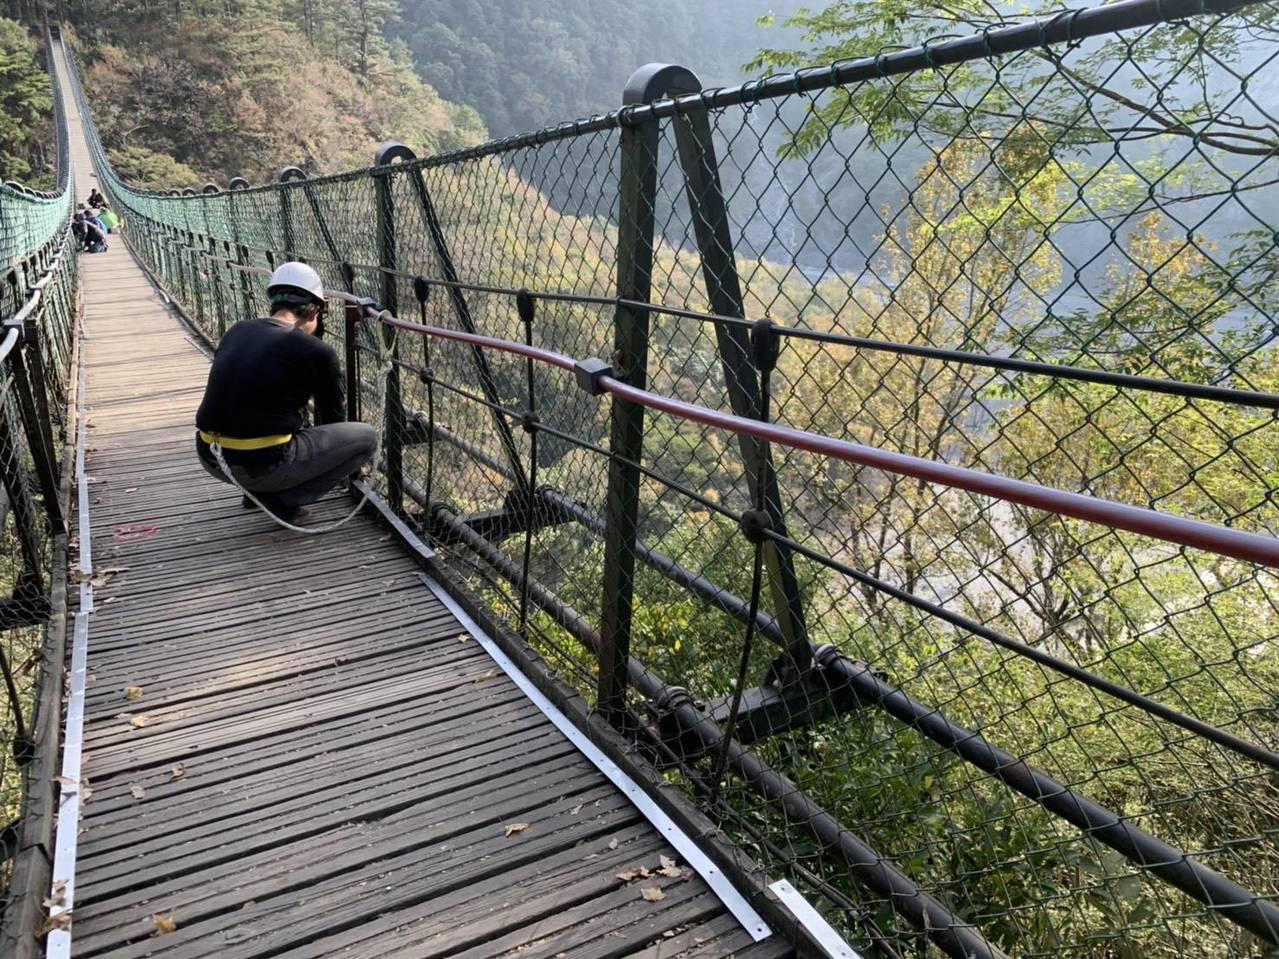 南投林管處修復補強奧萬大吊橋所有設備進行安全測試通過後,將於12月7日重新開放遊...